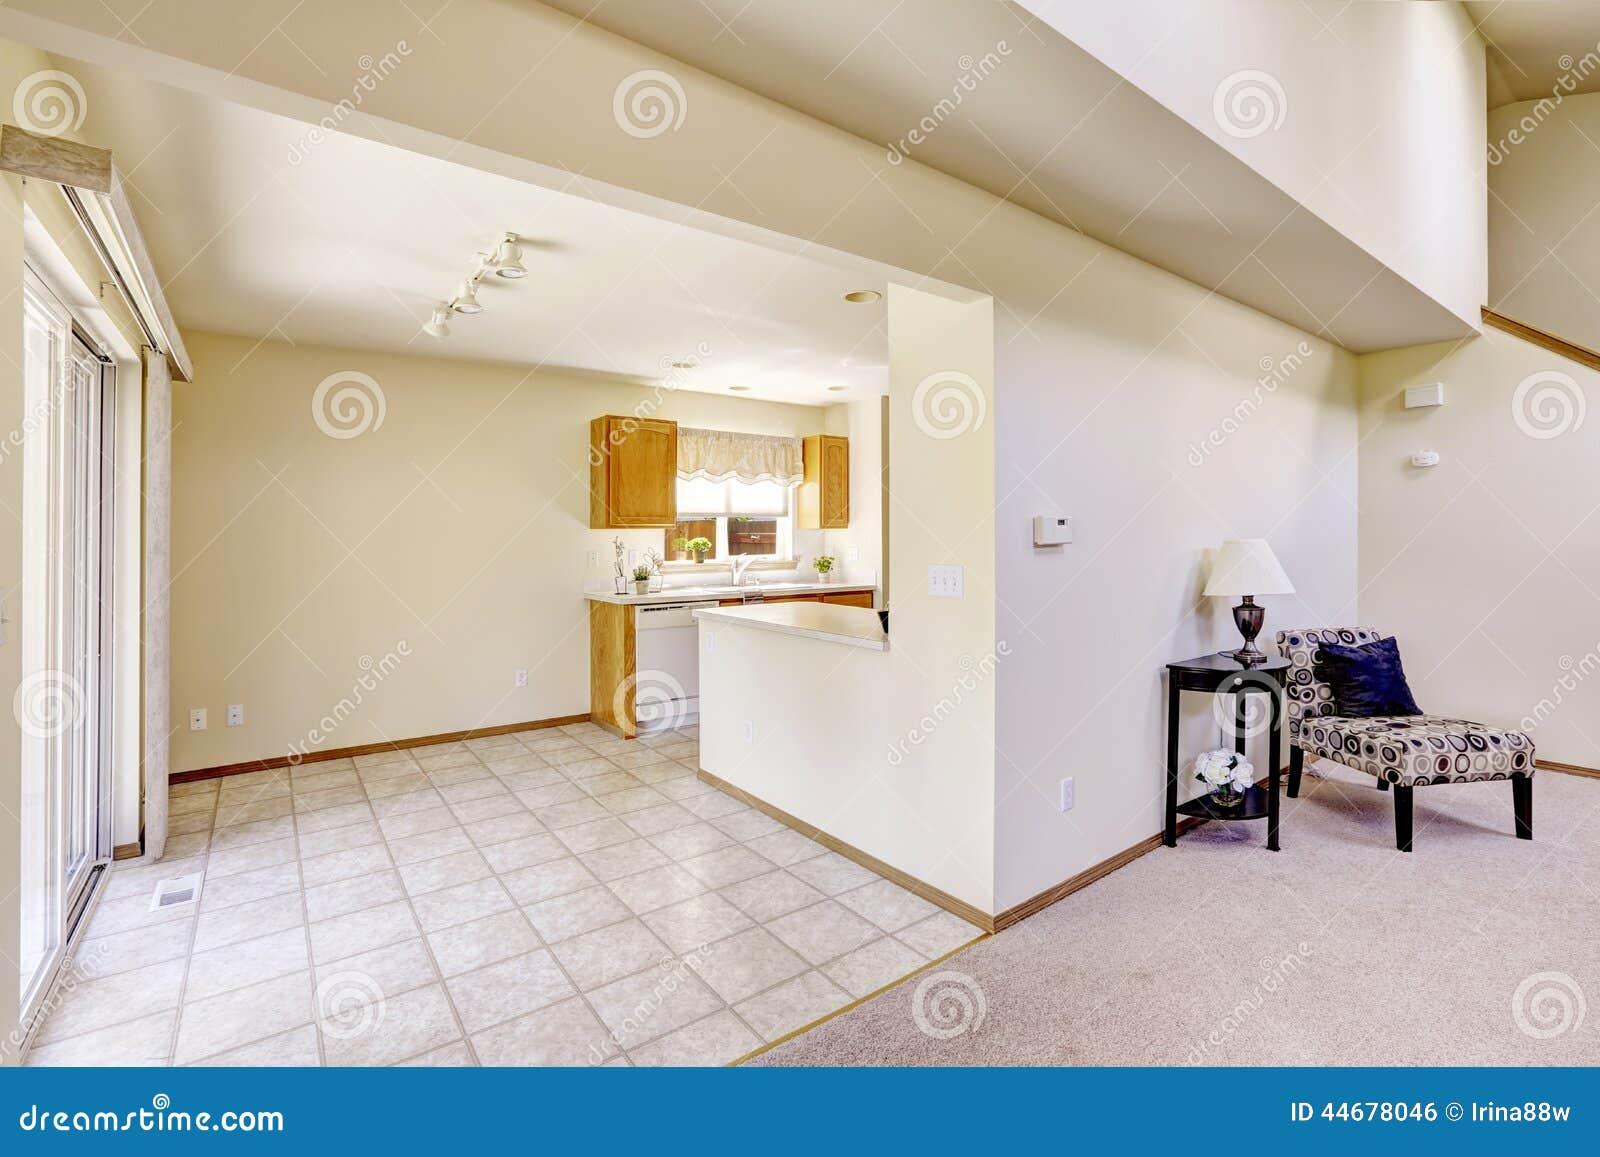 Stanze luminose in casa vuota area della cucina con la - Cucina con piastrelle ...